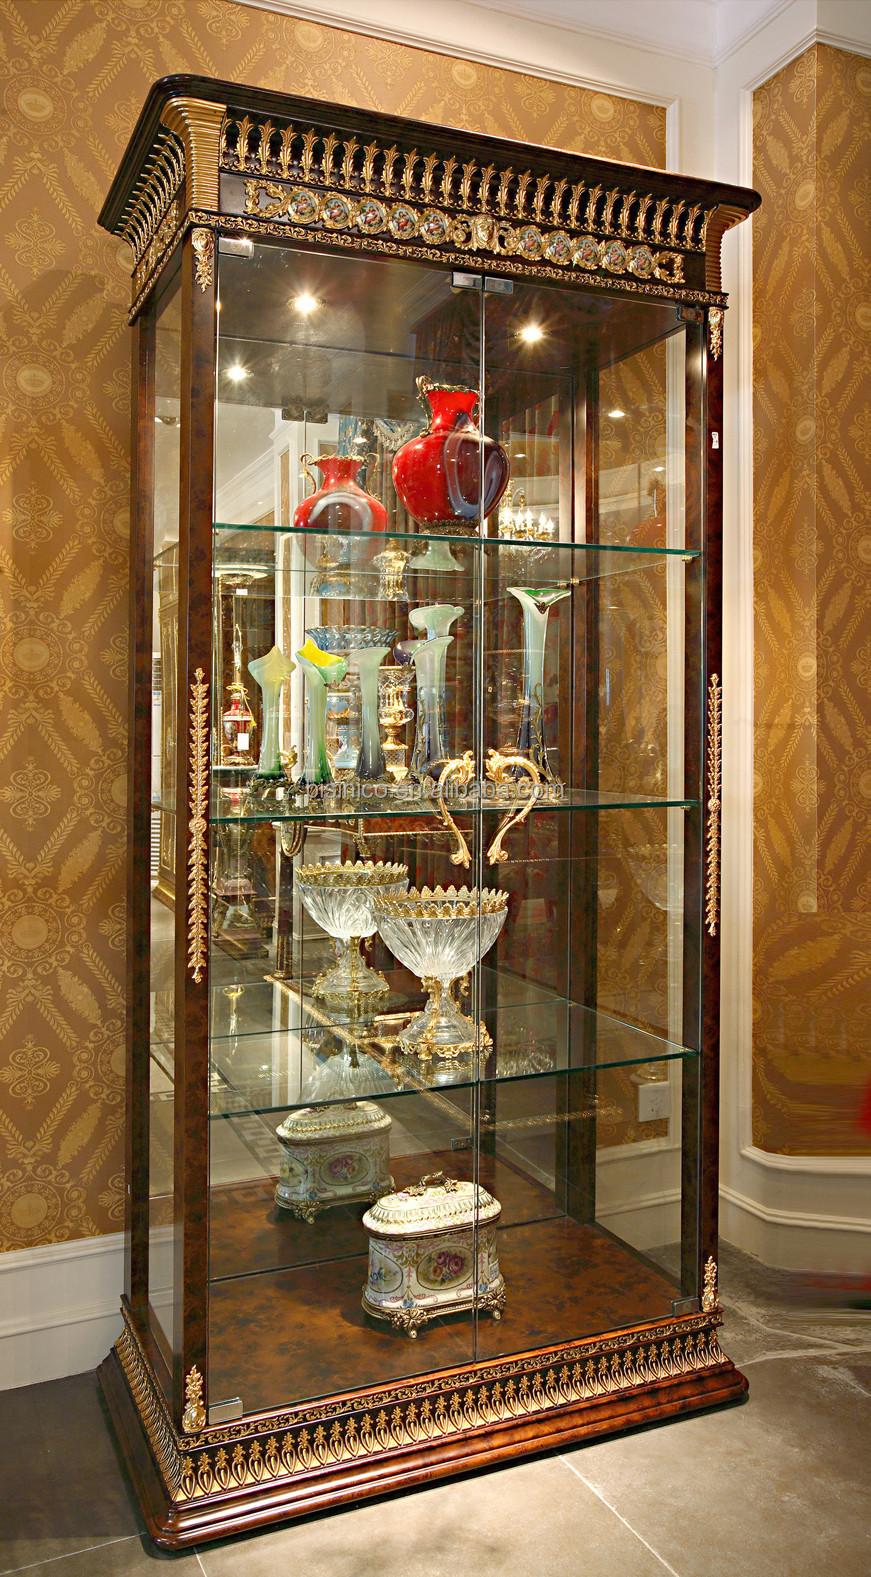 Di lusso barocco francese stile mogano porta singola vetrina con ...